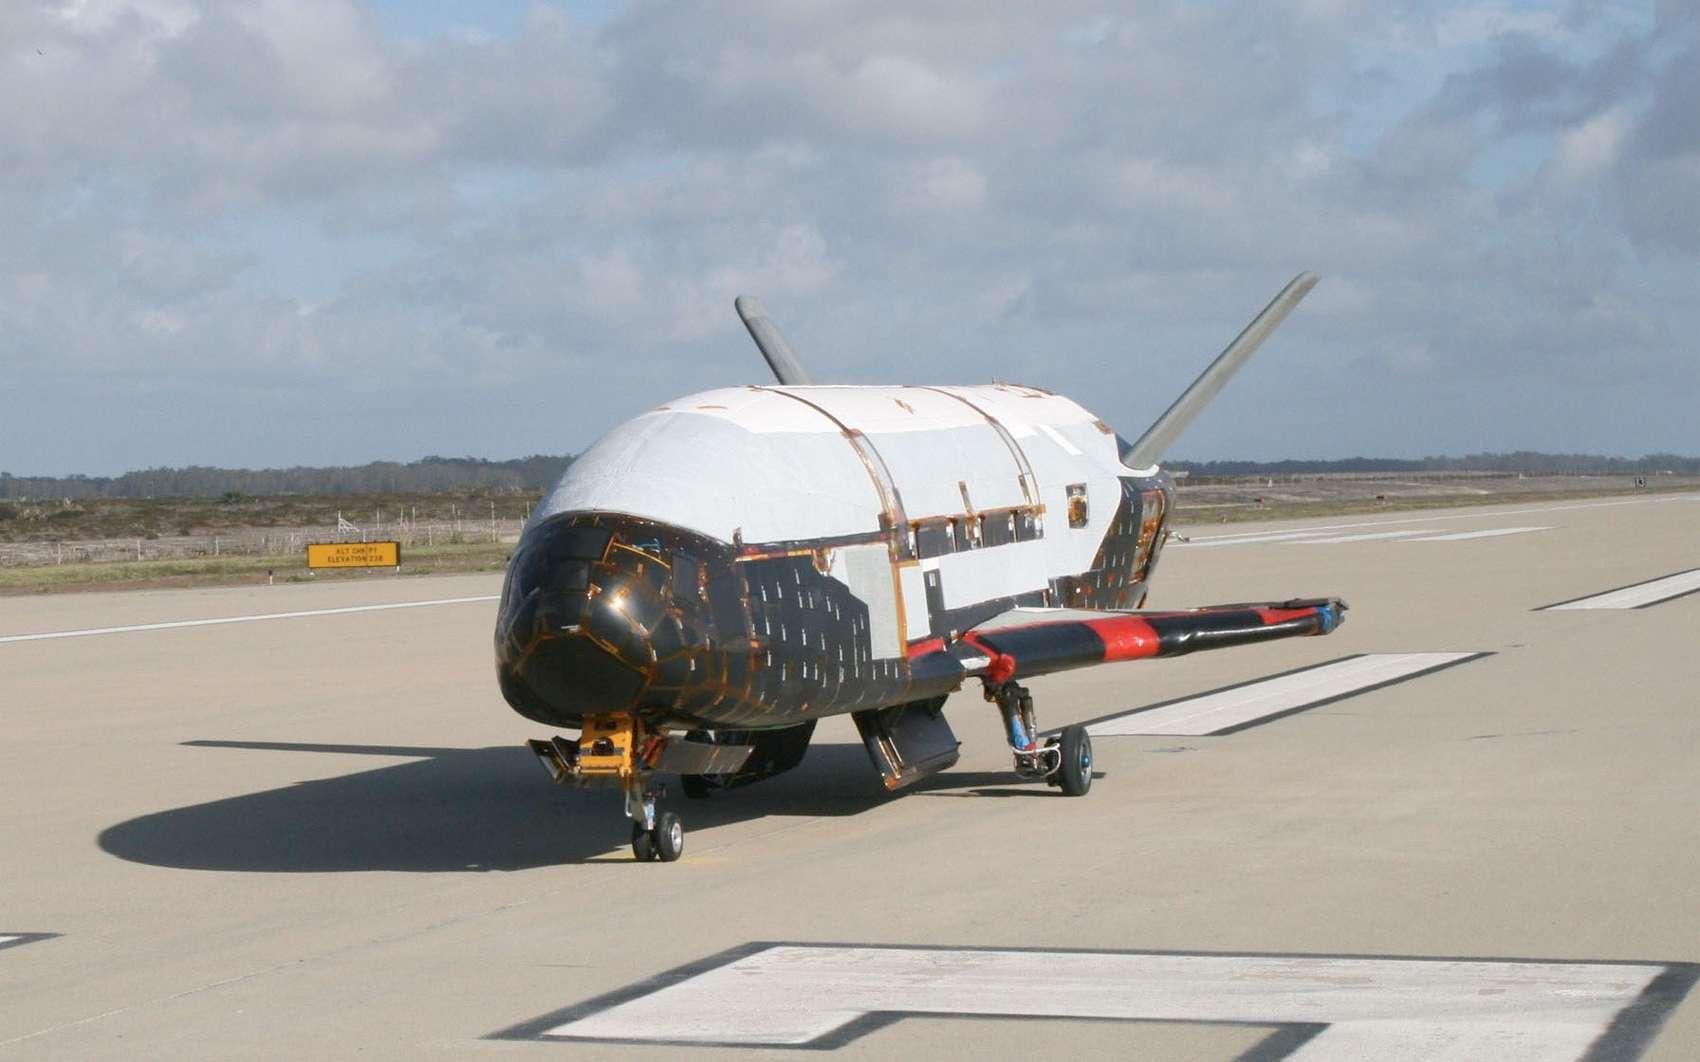 Un des deux exemplaires connus de X-37B. L'engin ressemble beaucoup aux navettes spatiales de la Nasa avec des dimensions bien plus faibles. La longueur est de moins de 9 m. © US Air Force